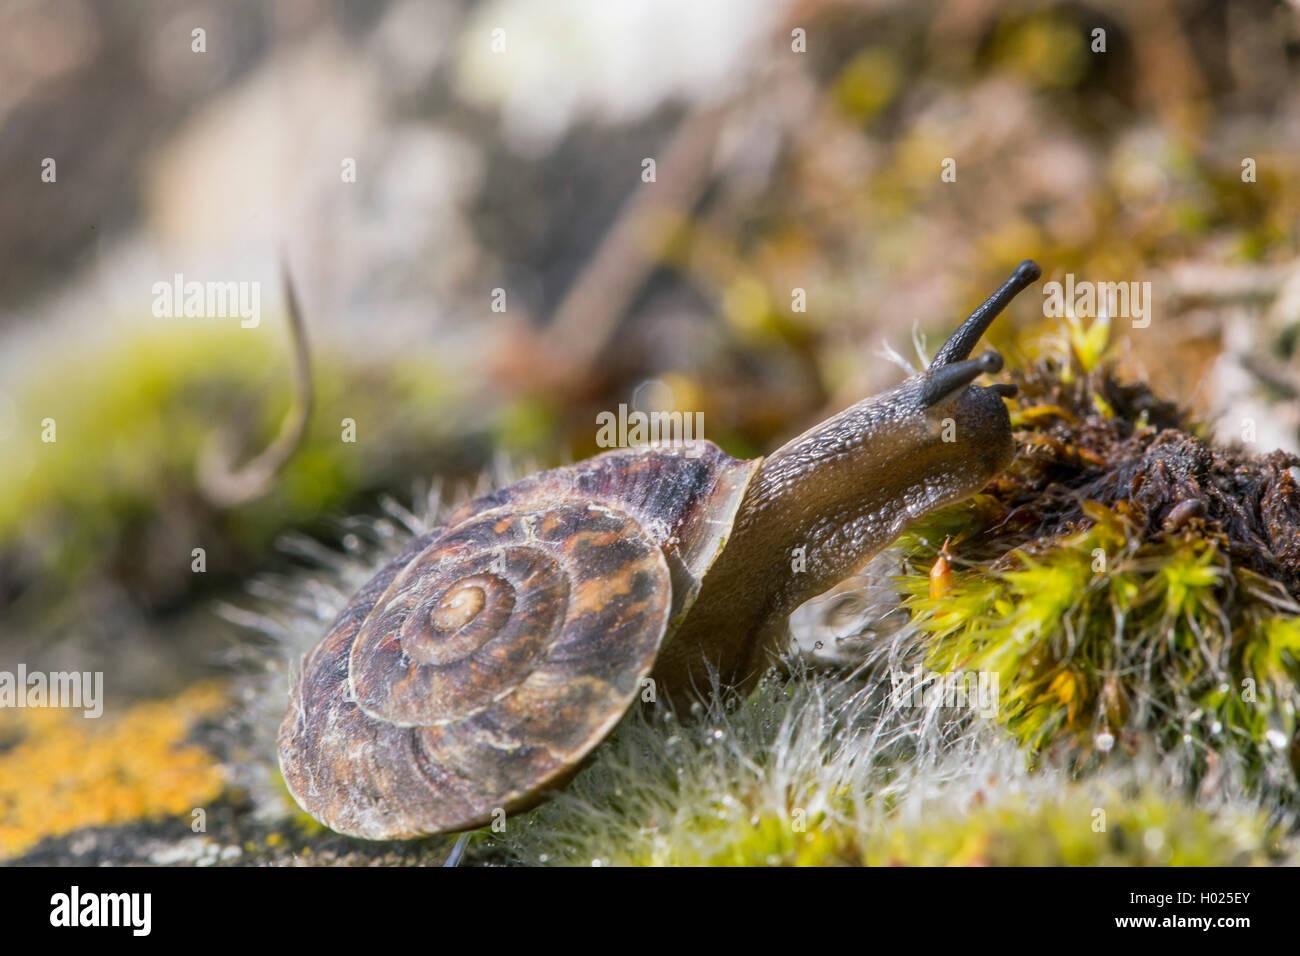 Steinpicker (Helicigona lapicida, Chilotrema lapicida, Latomus lapicida), kriecht zwischen Moos, Deutschland, Bayern, - Stock Image